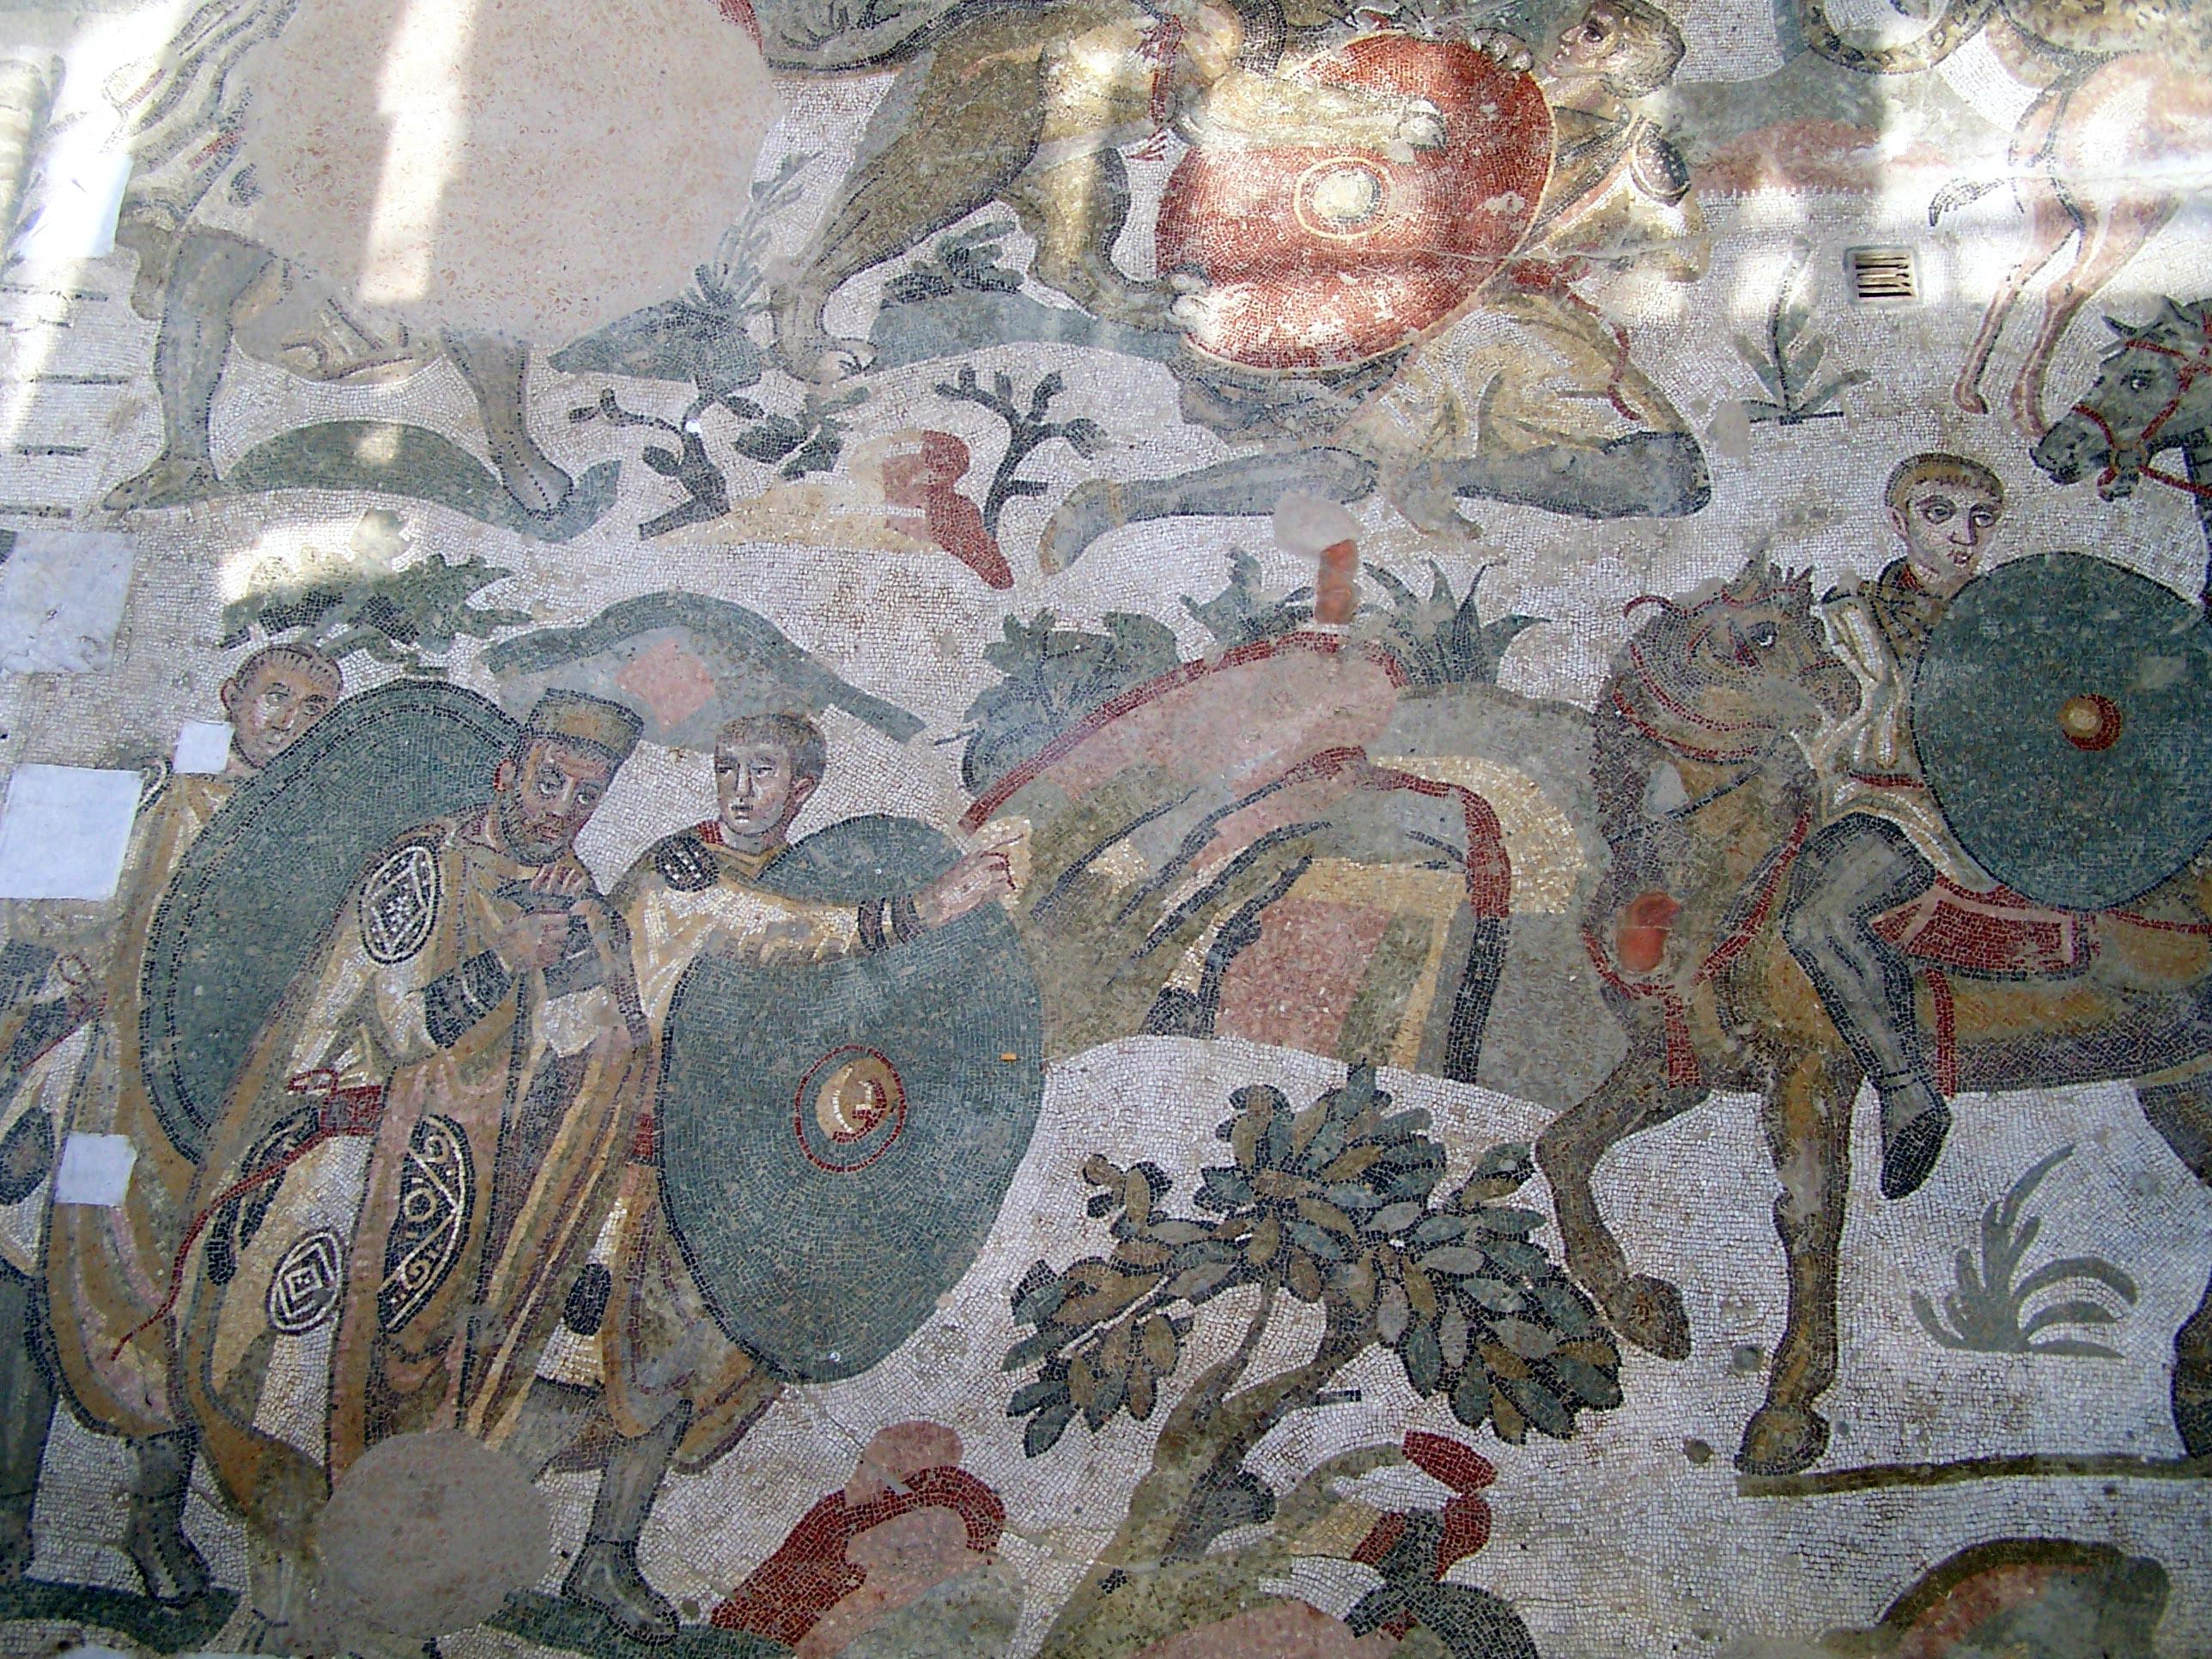 Sicilia_Piazza_Armerina_Villa_romana_del_Casale_mosaico